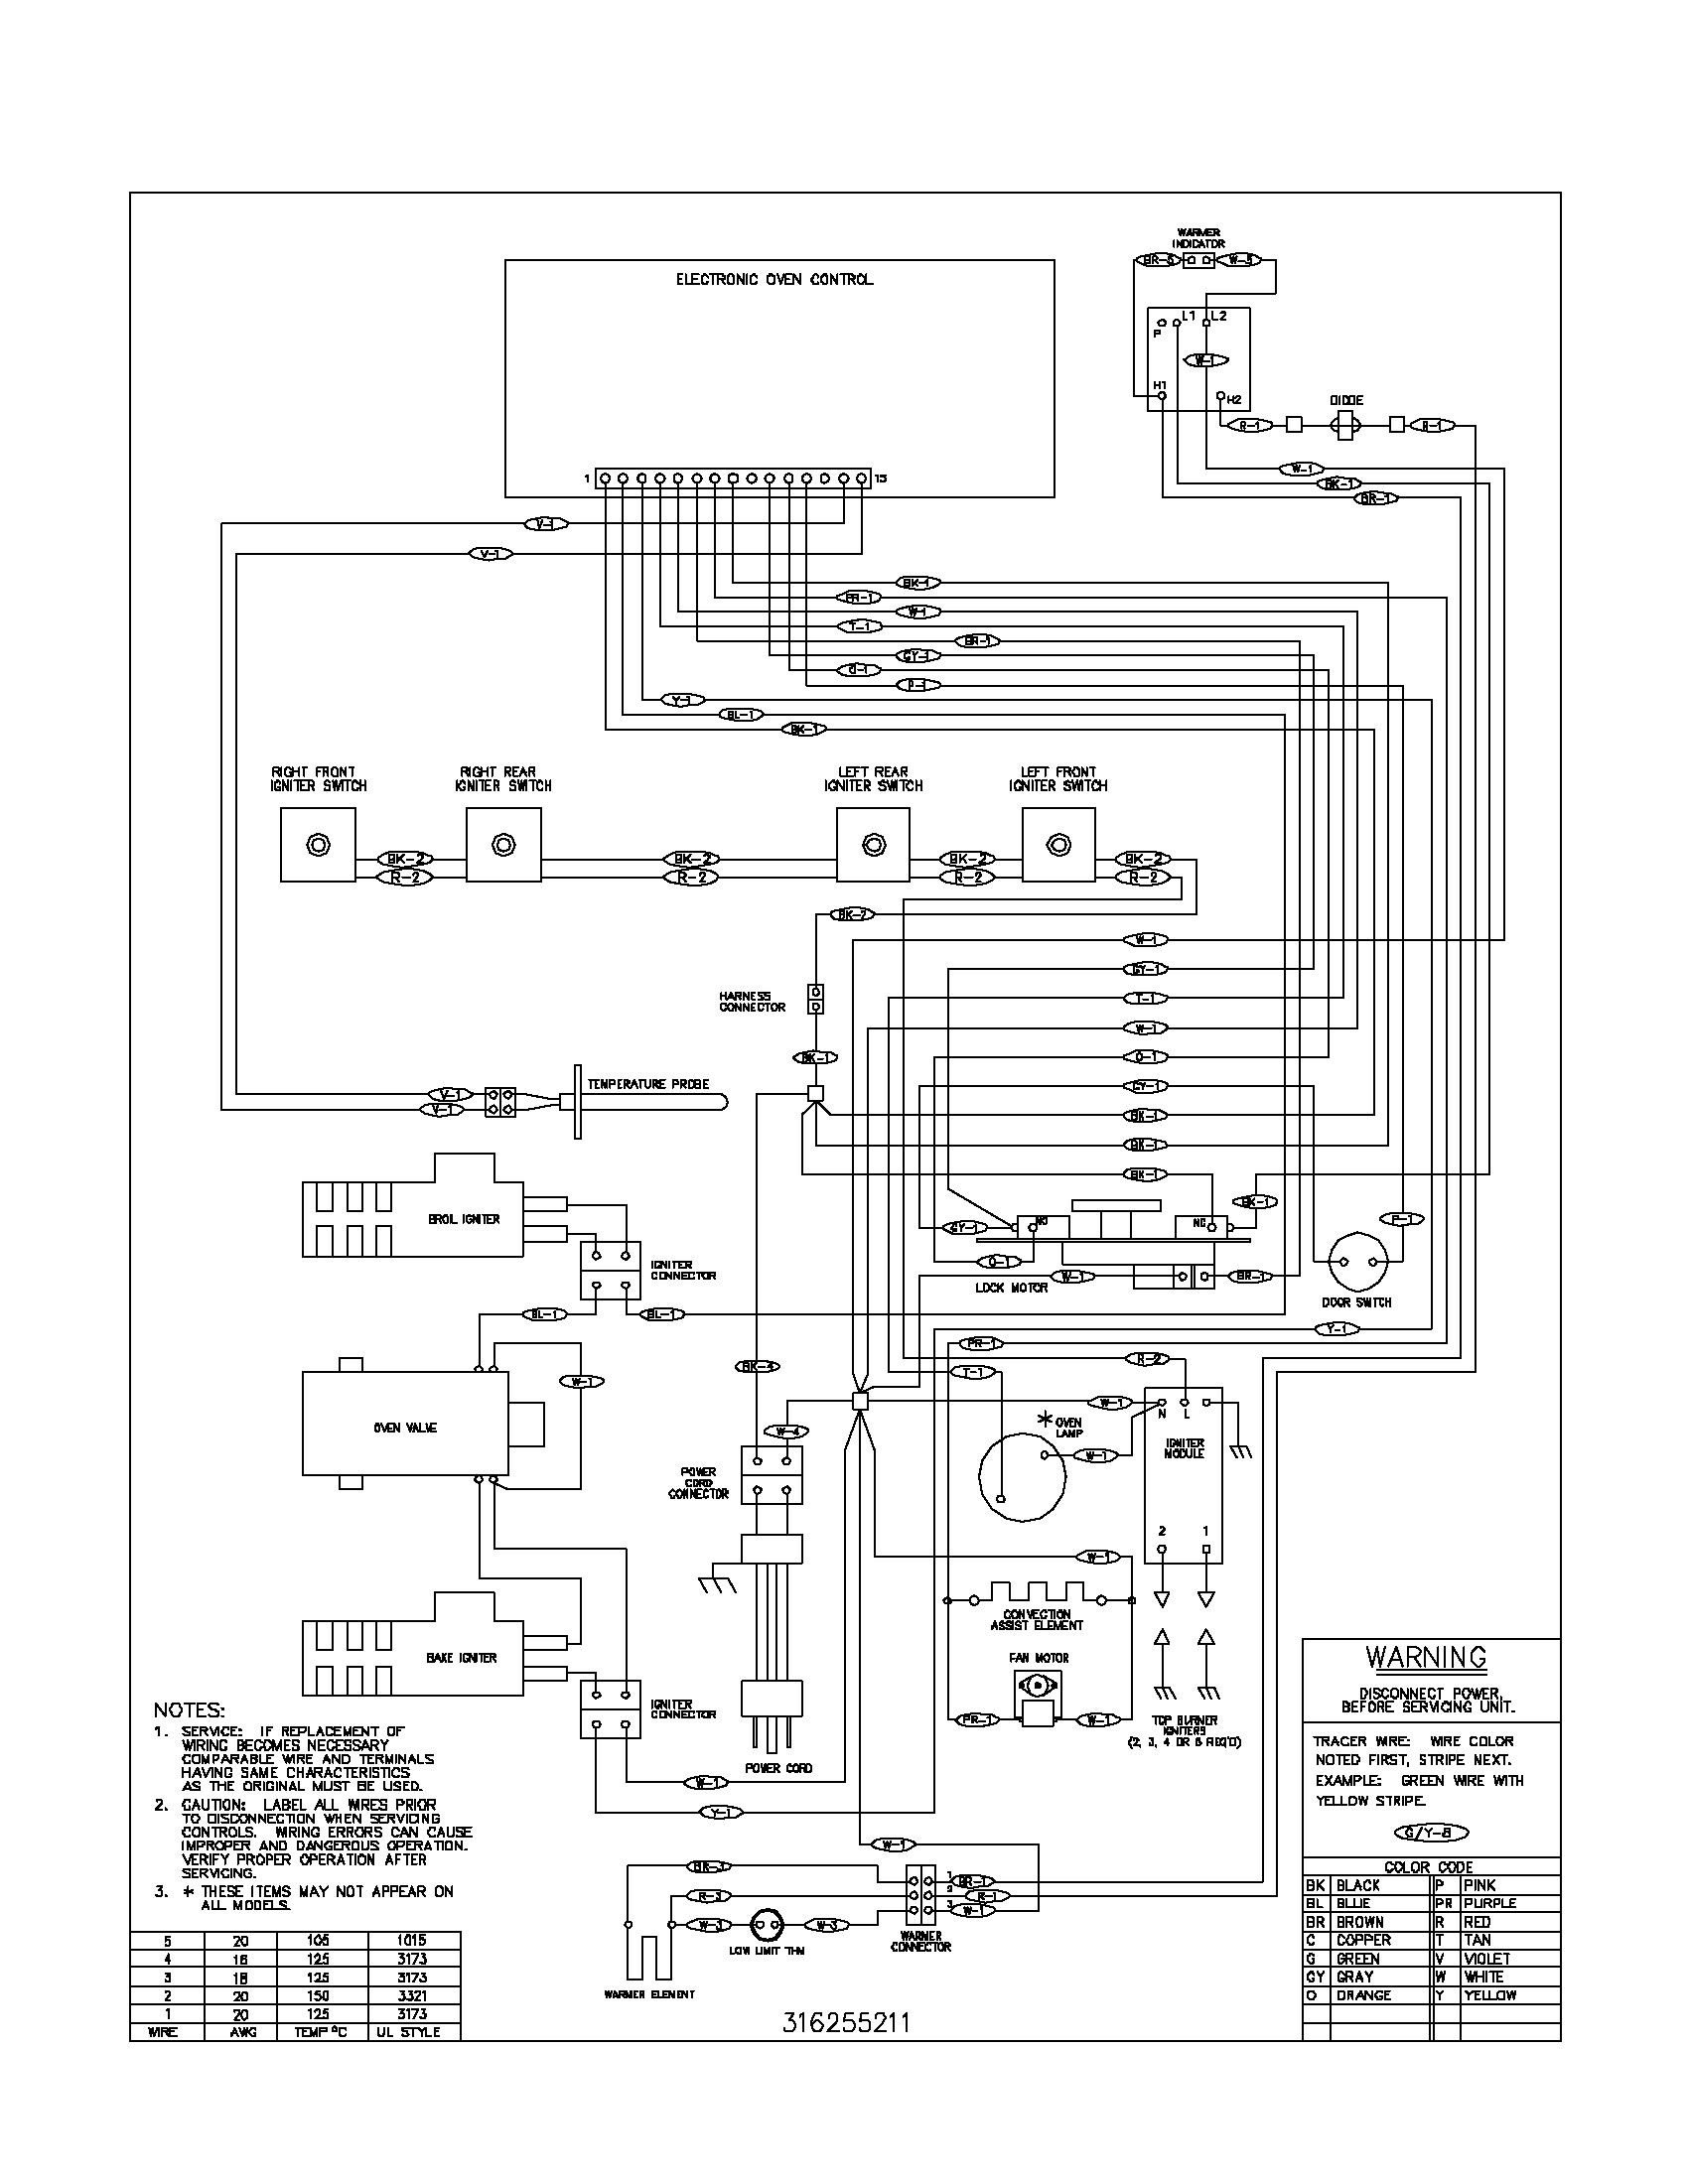 Kubota D950 Wiring Diagram